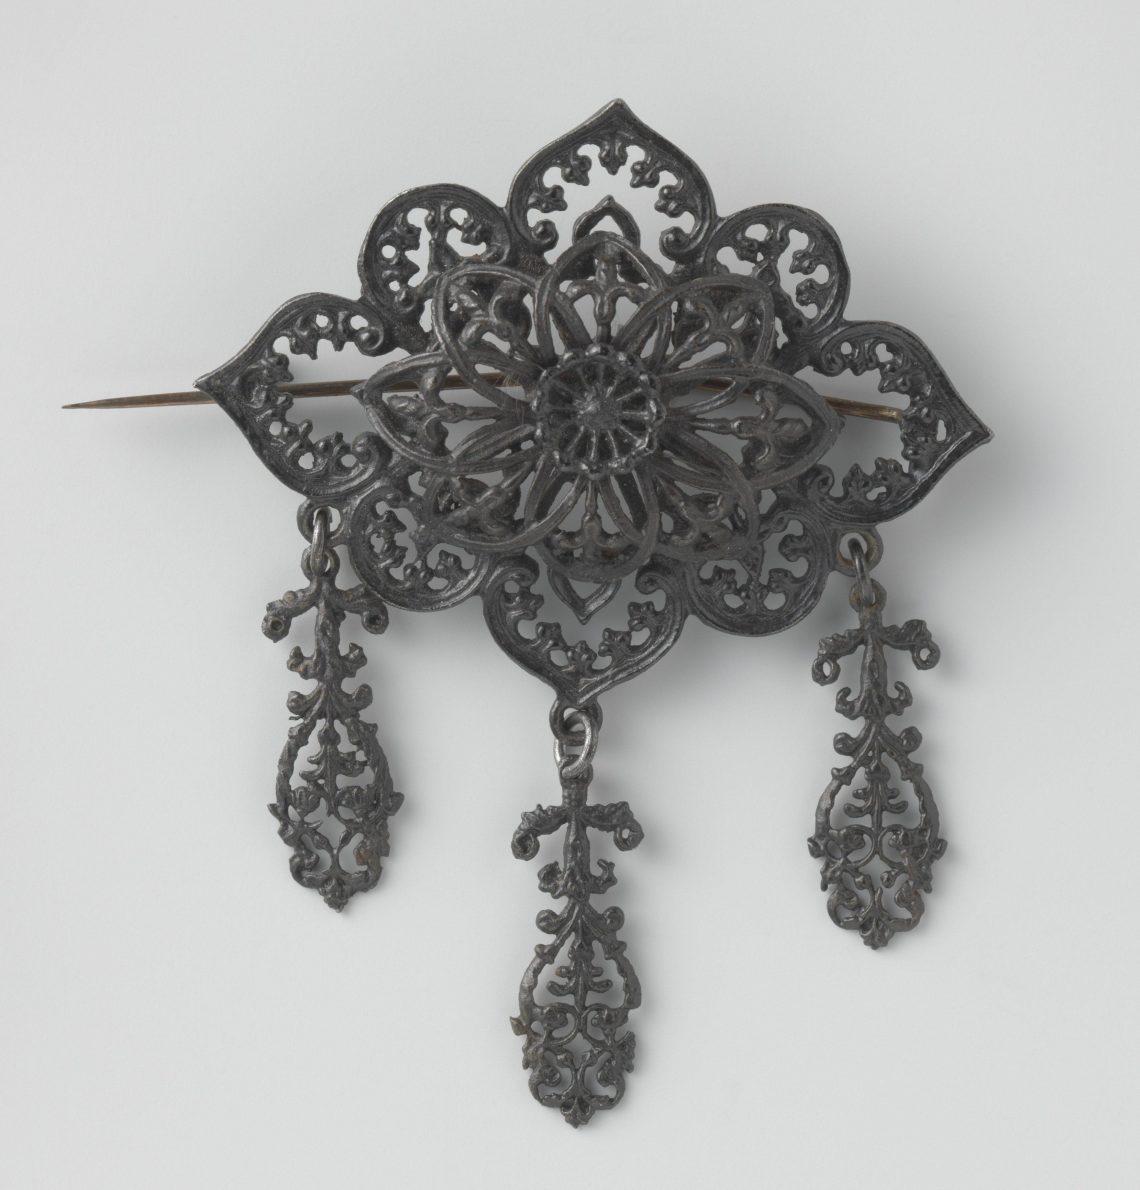 Broche, circa 1830. Collectie Rijksmuseum, BK-NM-12900-A, CC0